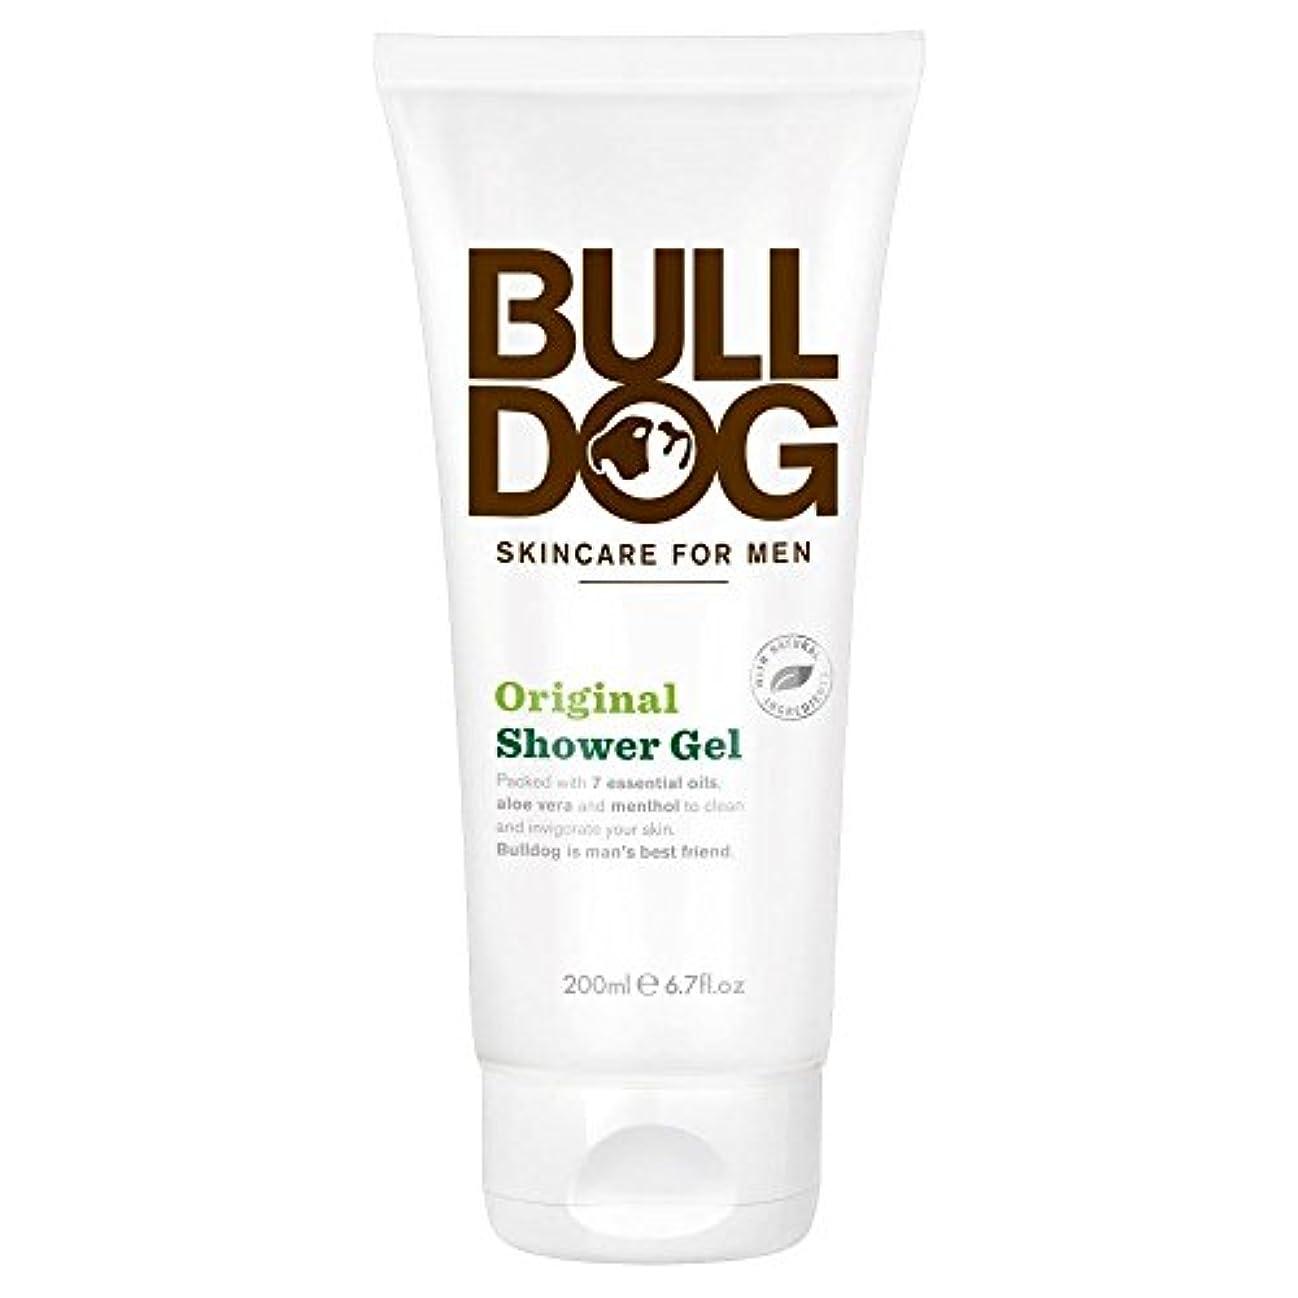 公爵夫人シーボード童謡Bulldog Shower Gel - Original (200ml) ブルドッグのシャワージェル - 元( 200ミリリットル)